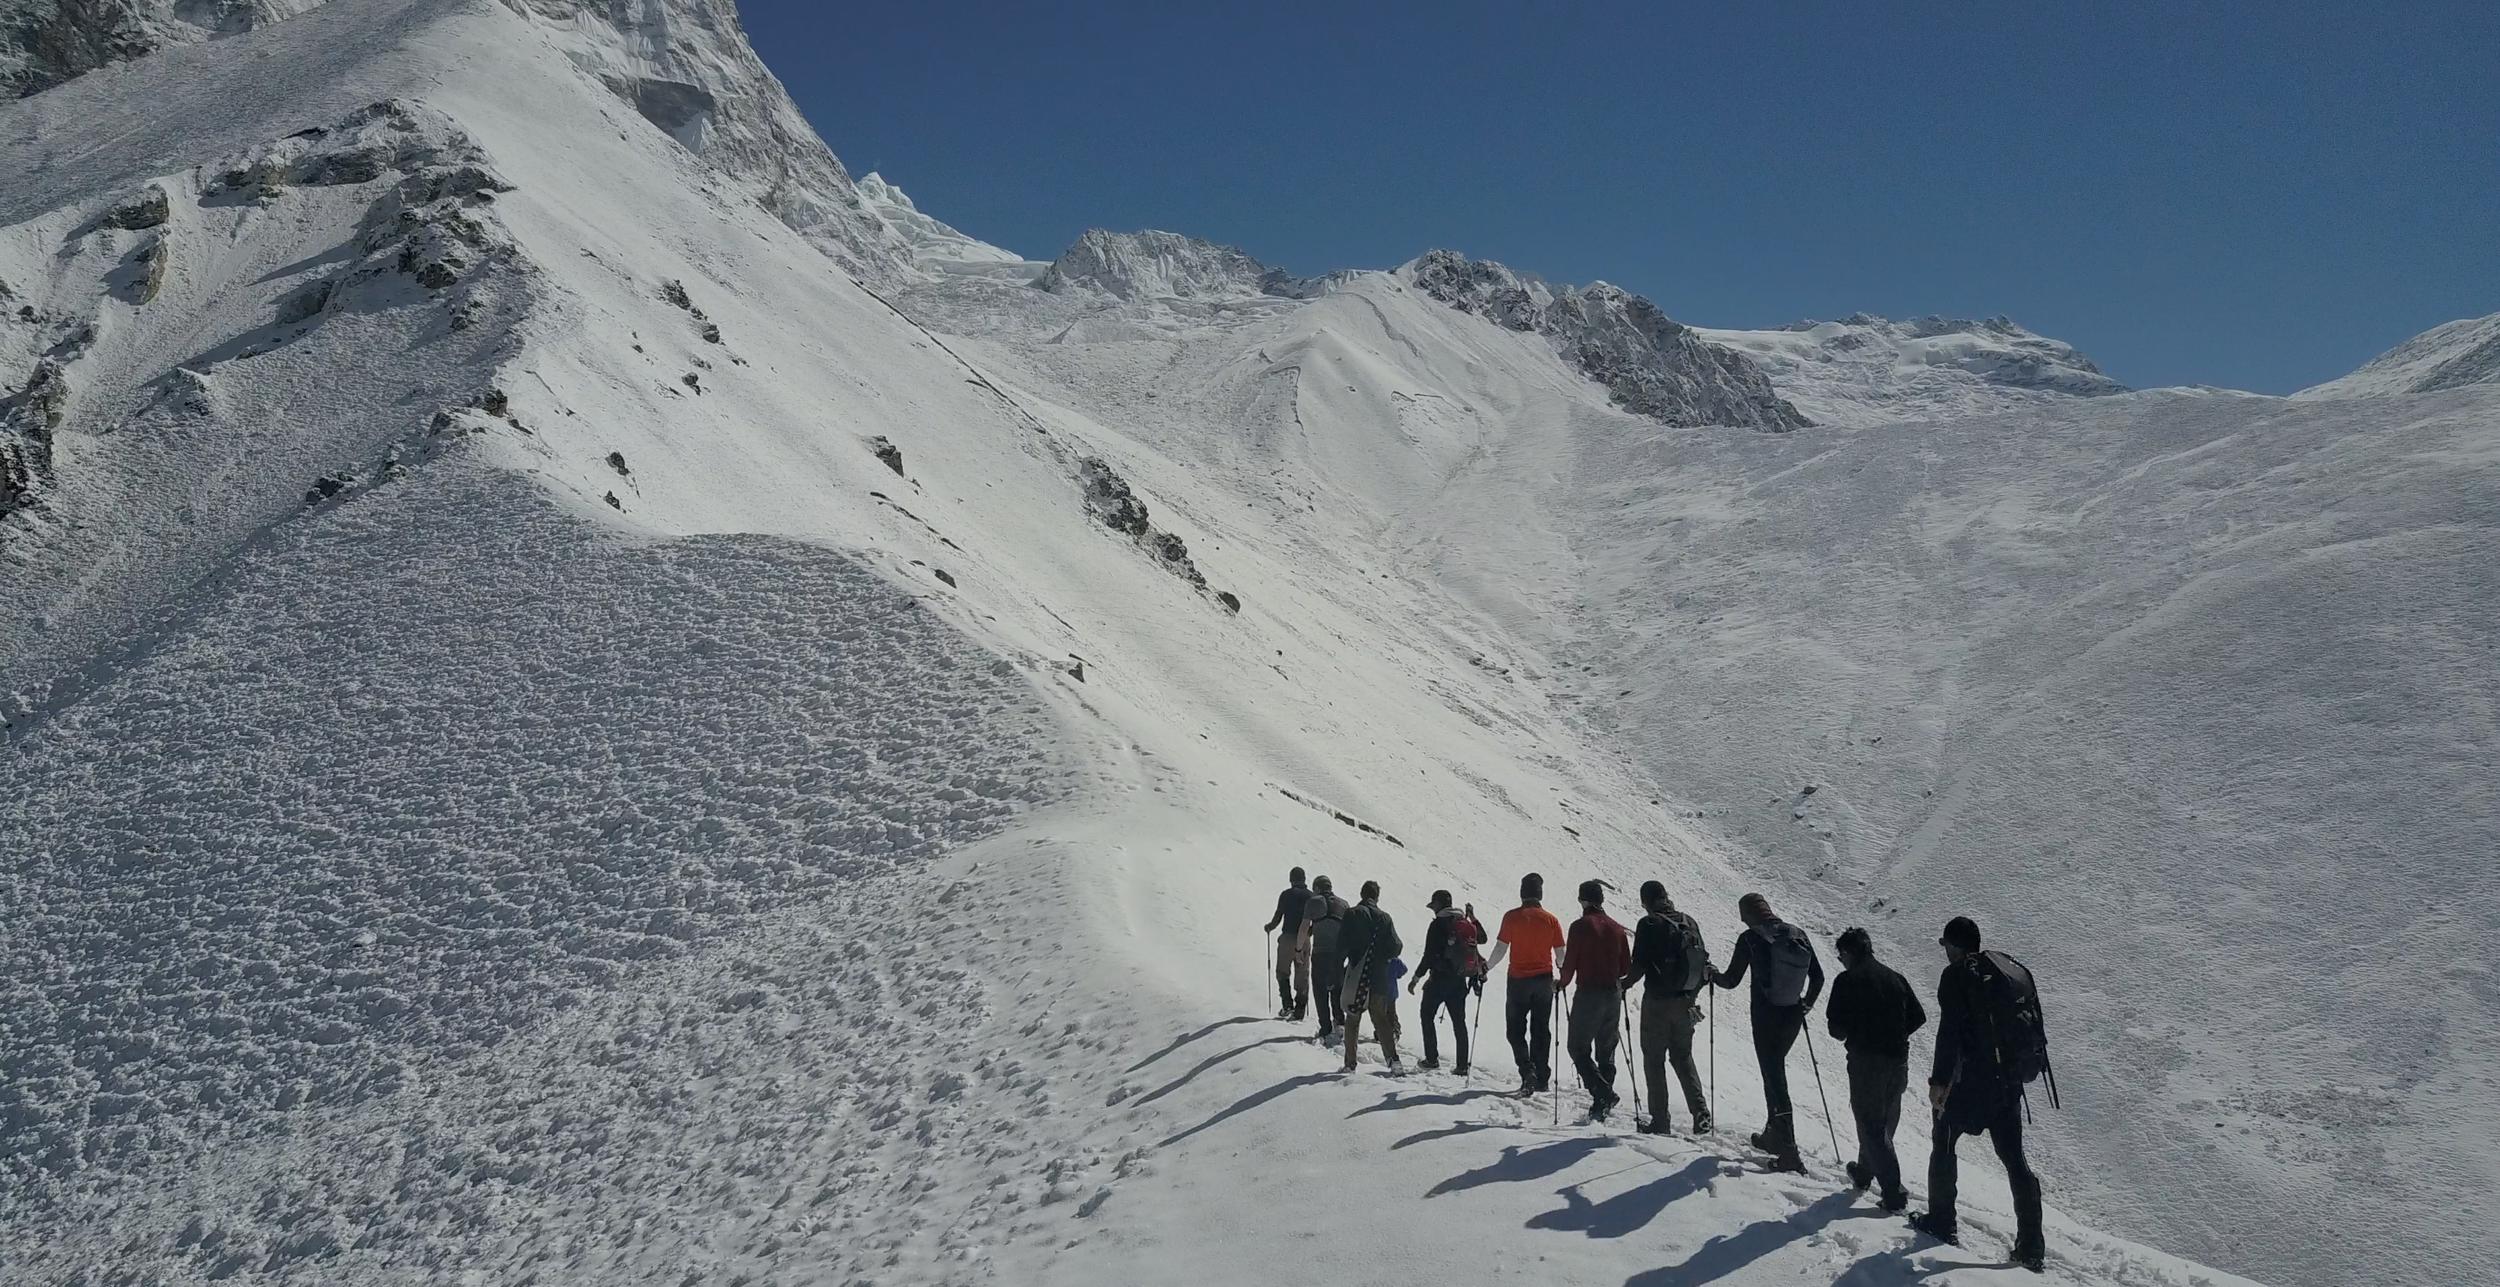 A Red Panda group climbs the ridgeline of Kyanjin Ri near Kyanjin Gompa.